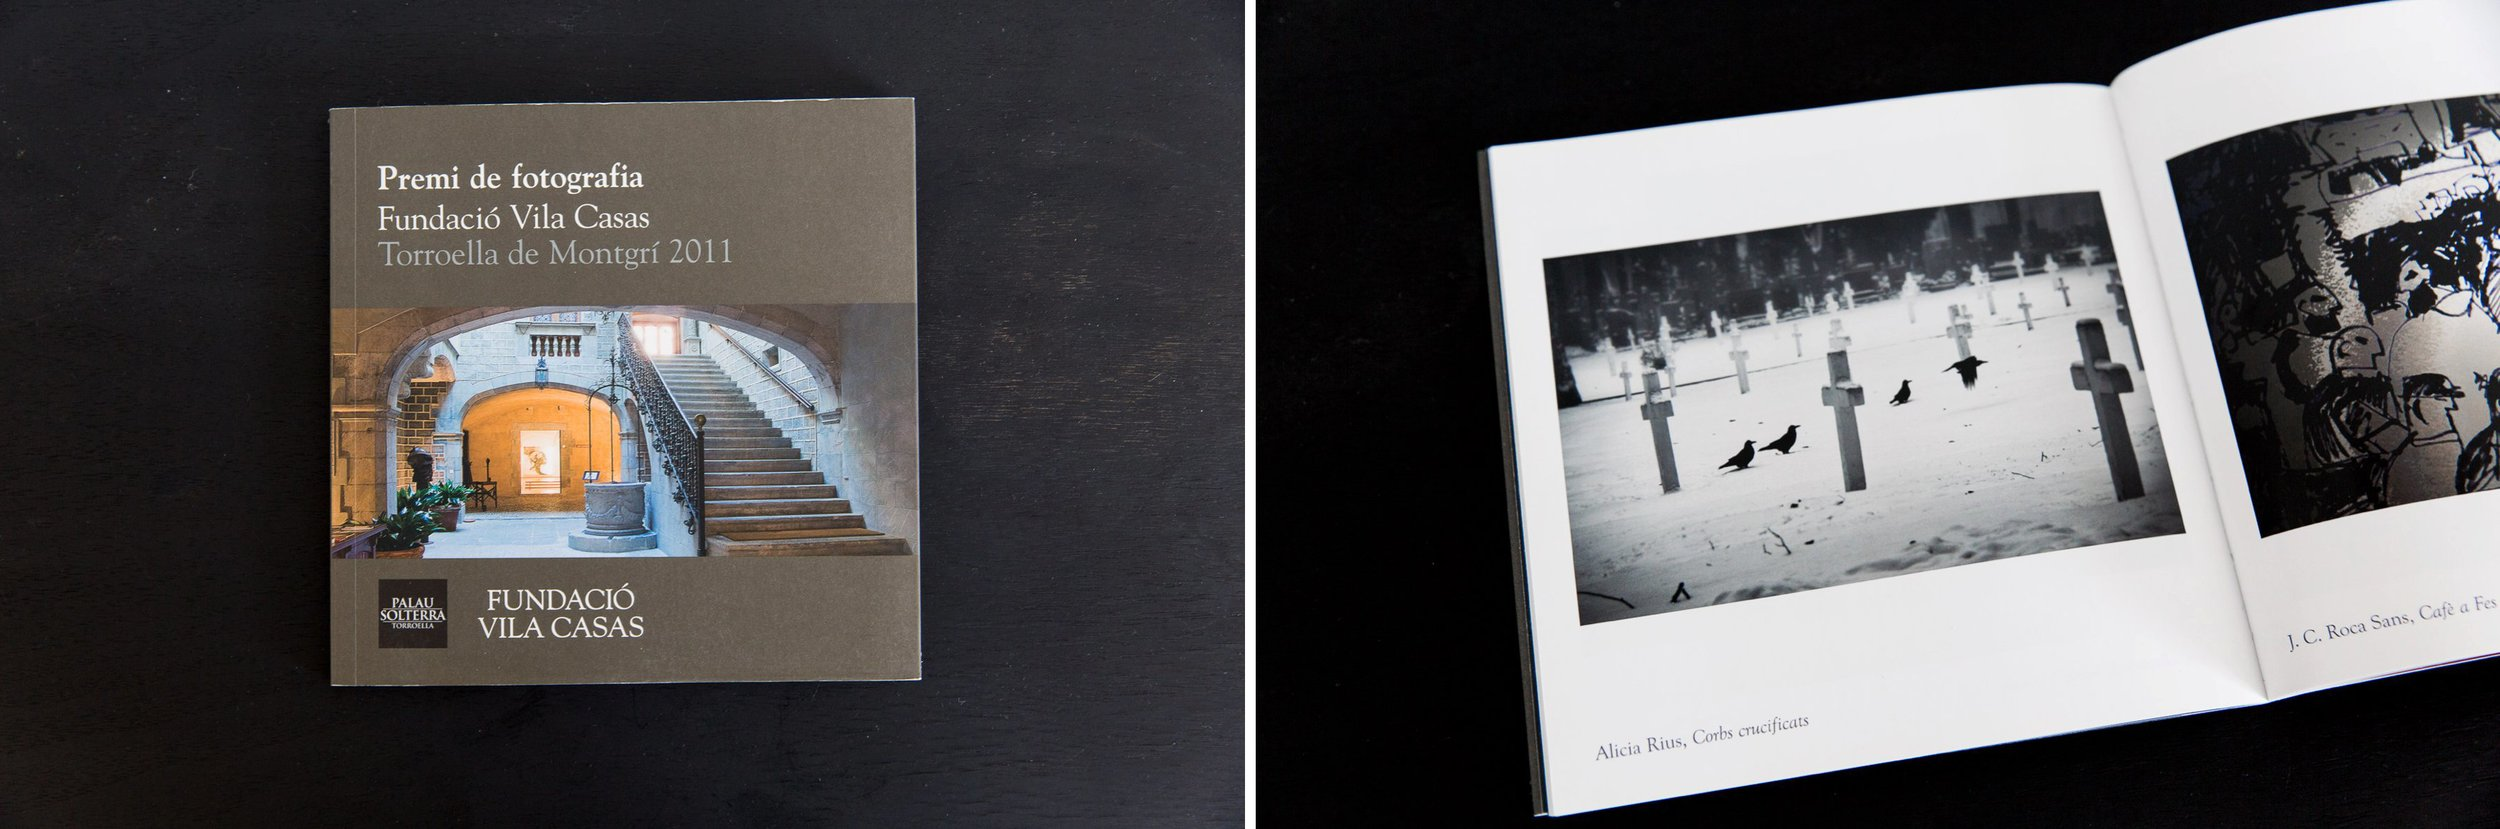 Fundacio Vila Casas Photography Awards book (Barcelona, Spain).